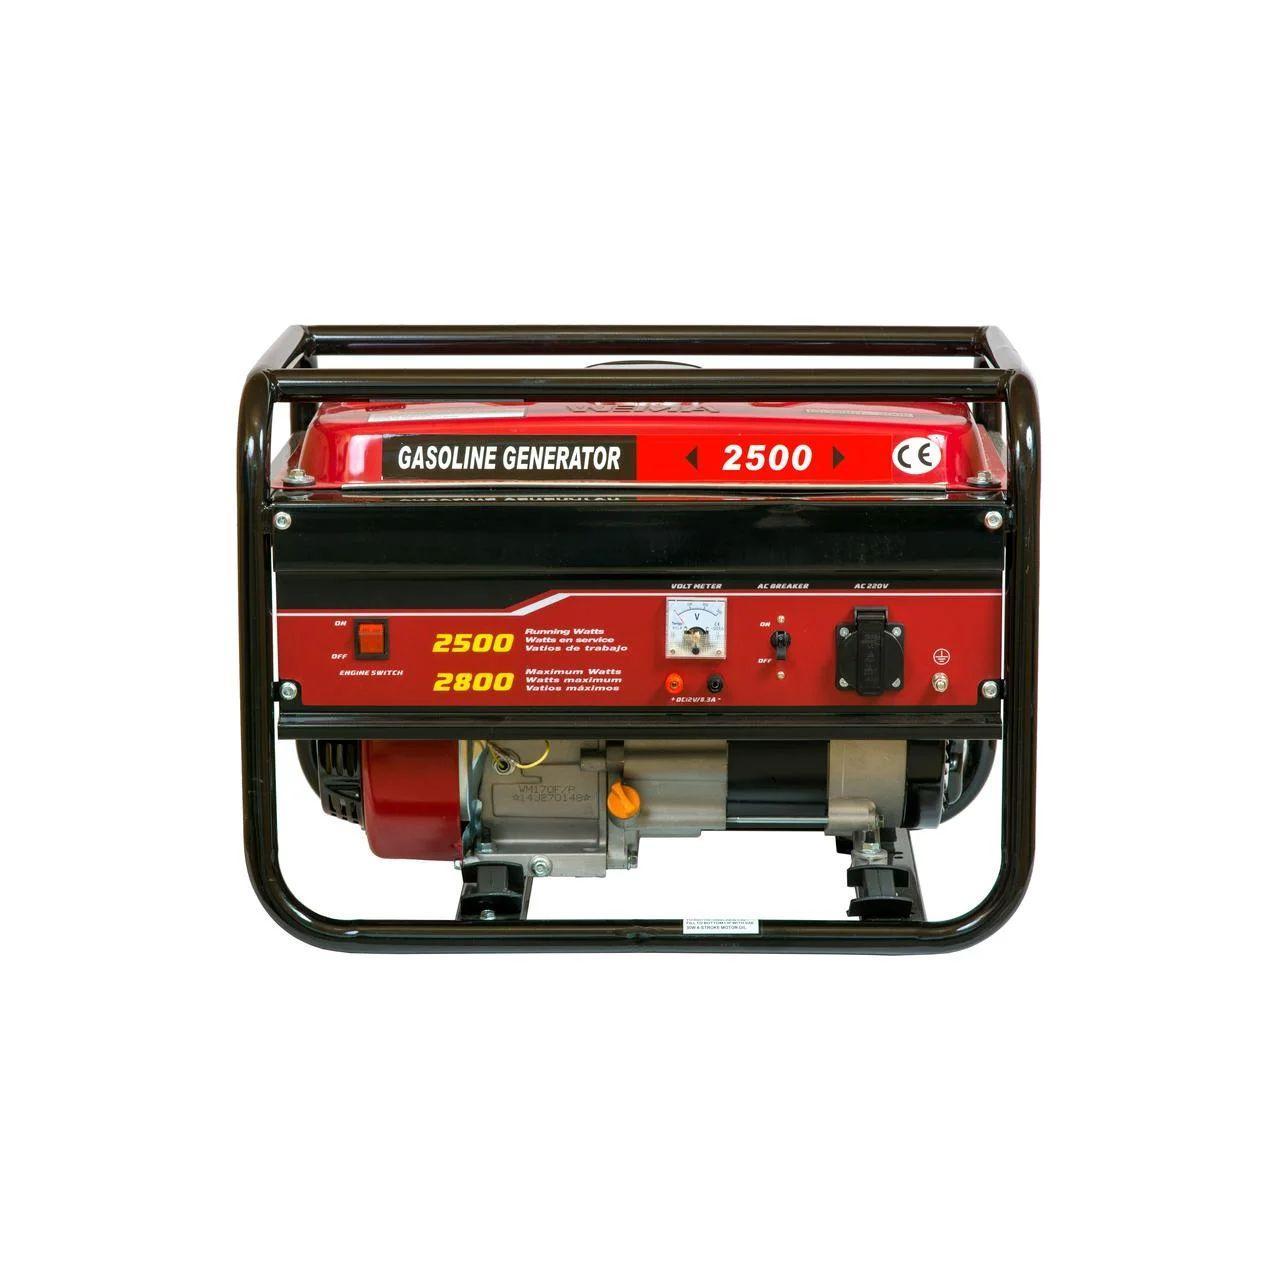 Бензиновый генератор WEIMA WM2500 (2,5 КВТ, 1 ФАЗА, РУЧНОЙ СТАРТ) Бесплатная доставка !!!